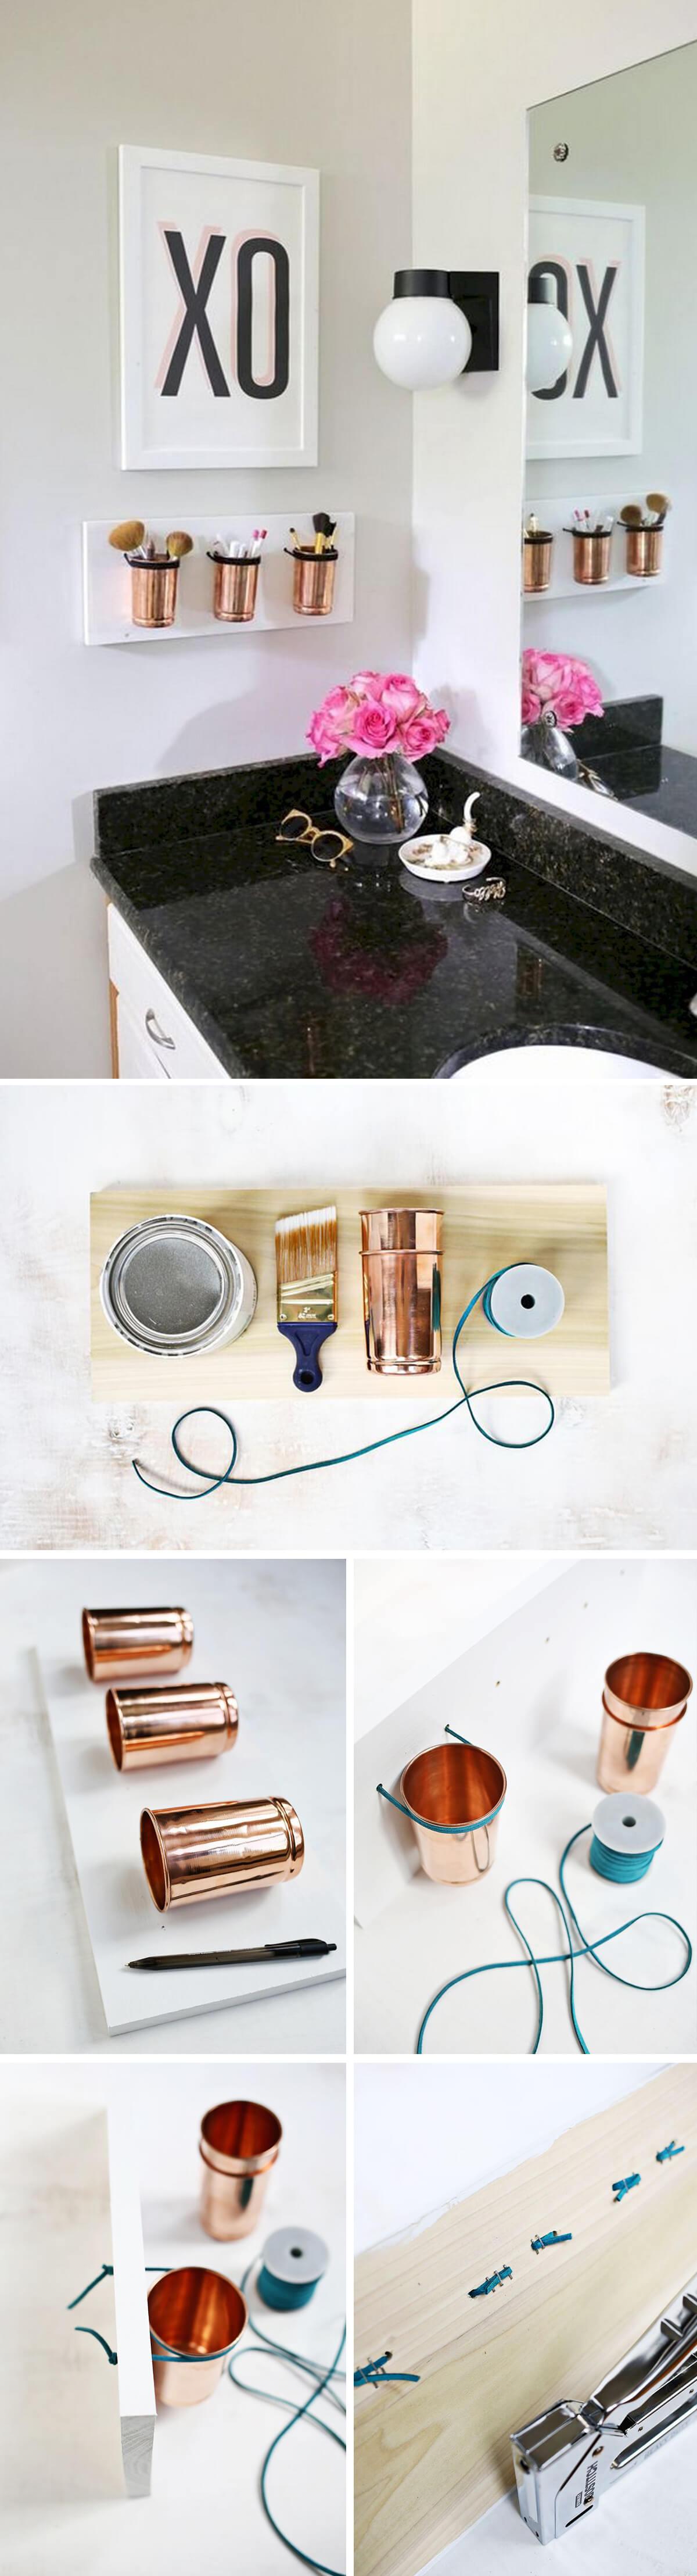 20+ Ideas Prácticas y Sencillas para Organizar un Cuarto de Baño